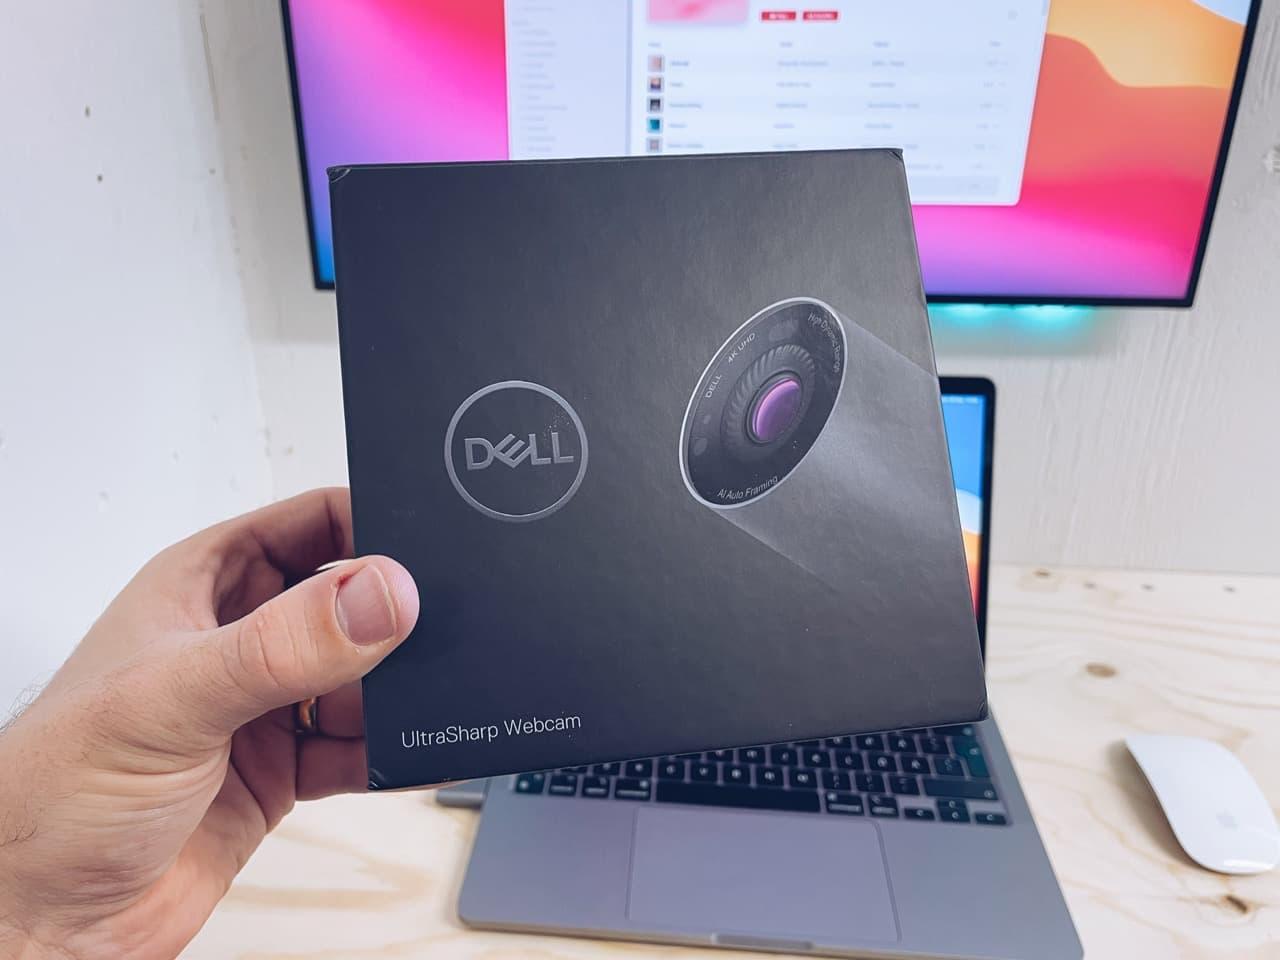 Recension av Dells 4k-webbkamera